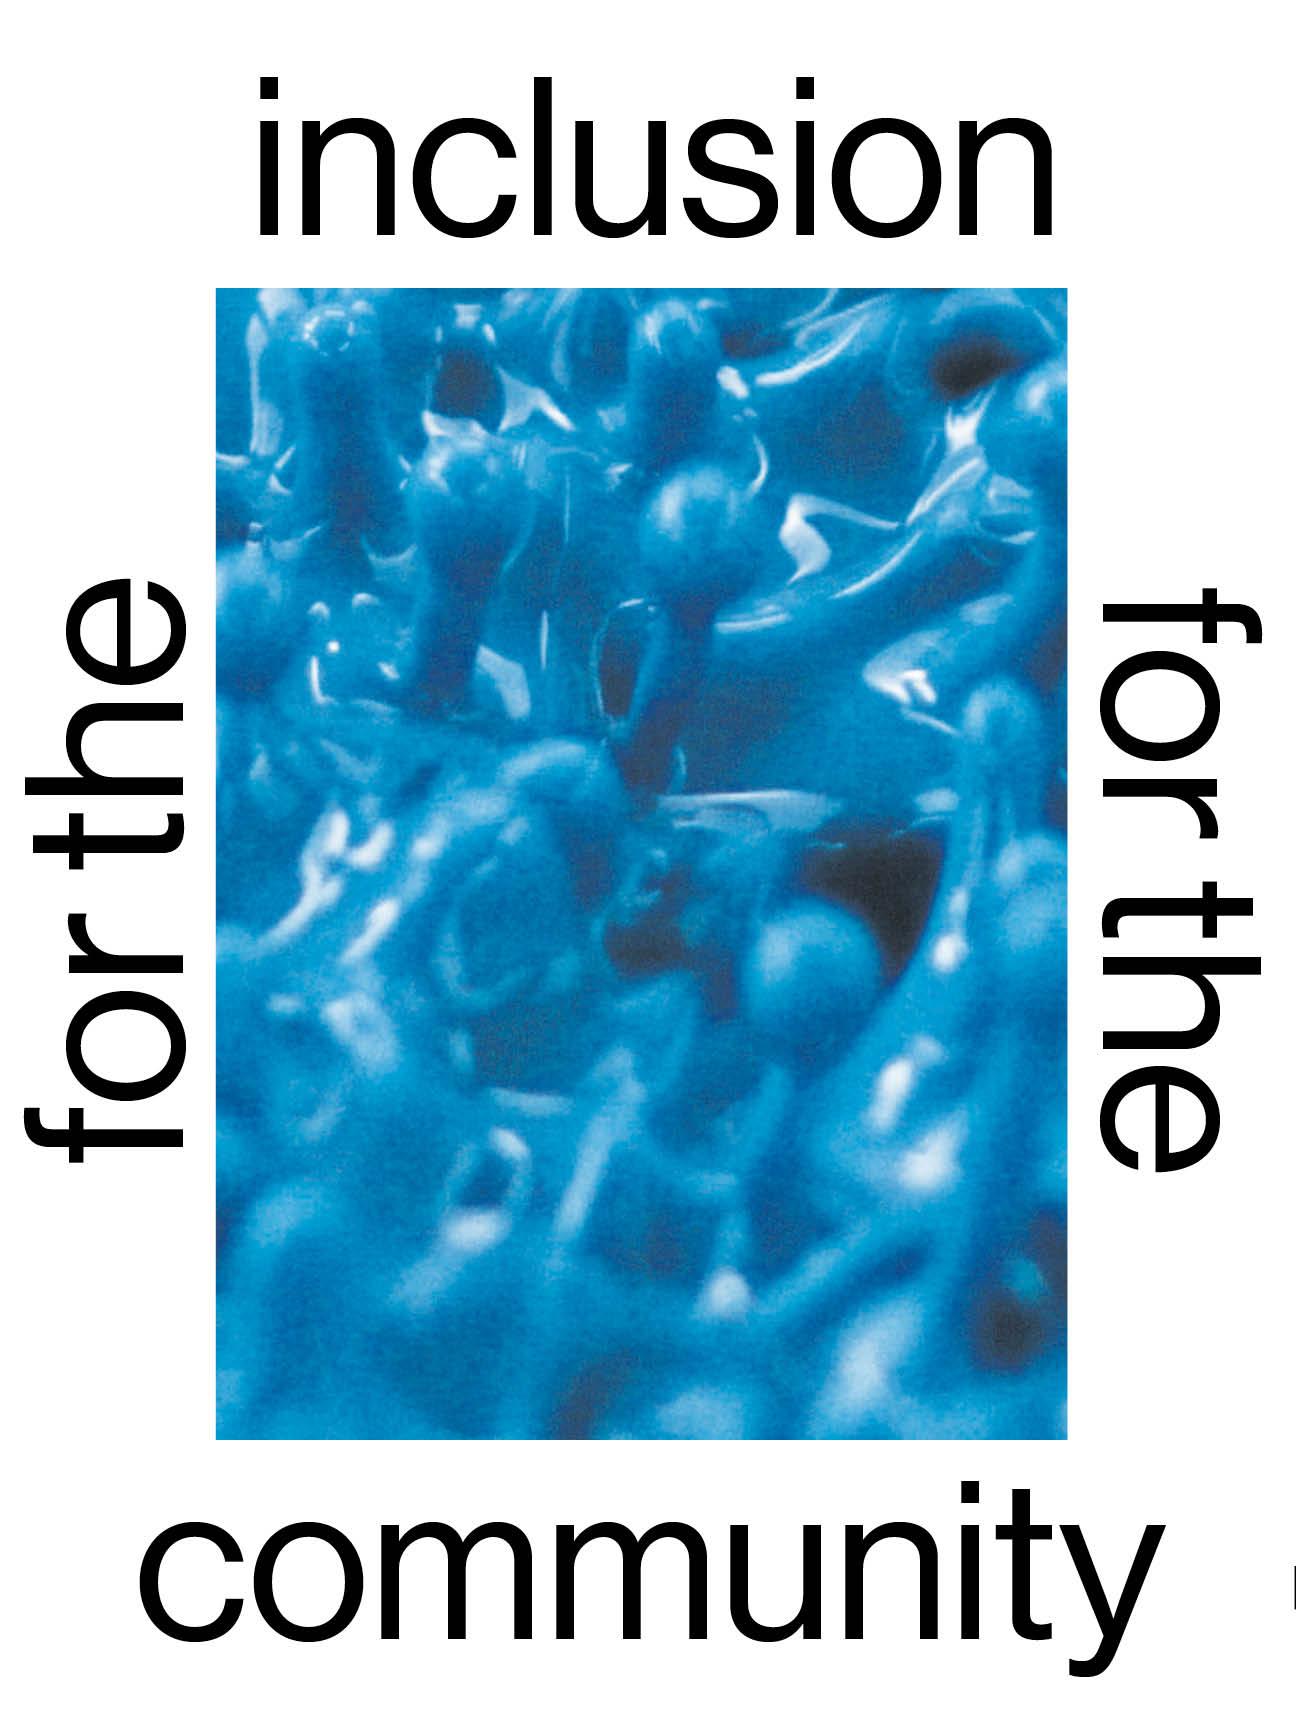 Oath_AL_posters_18x243.jpg